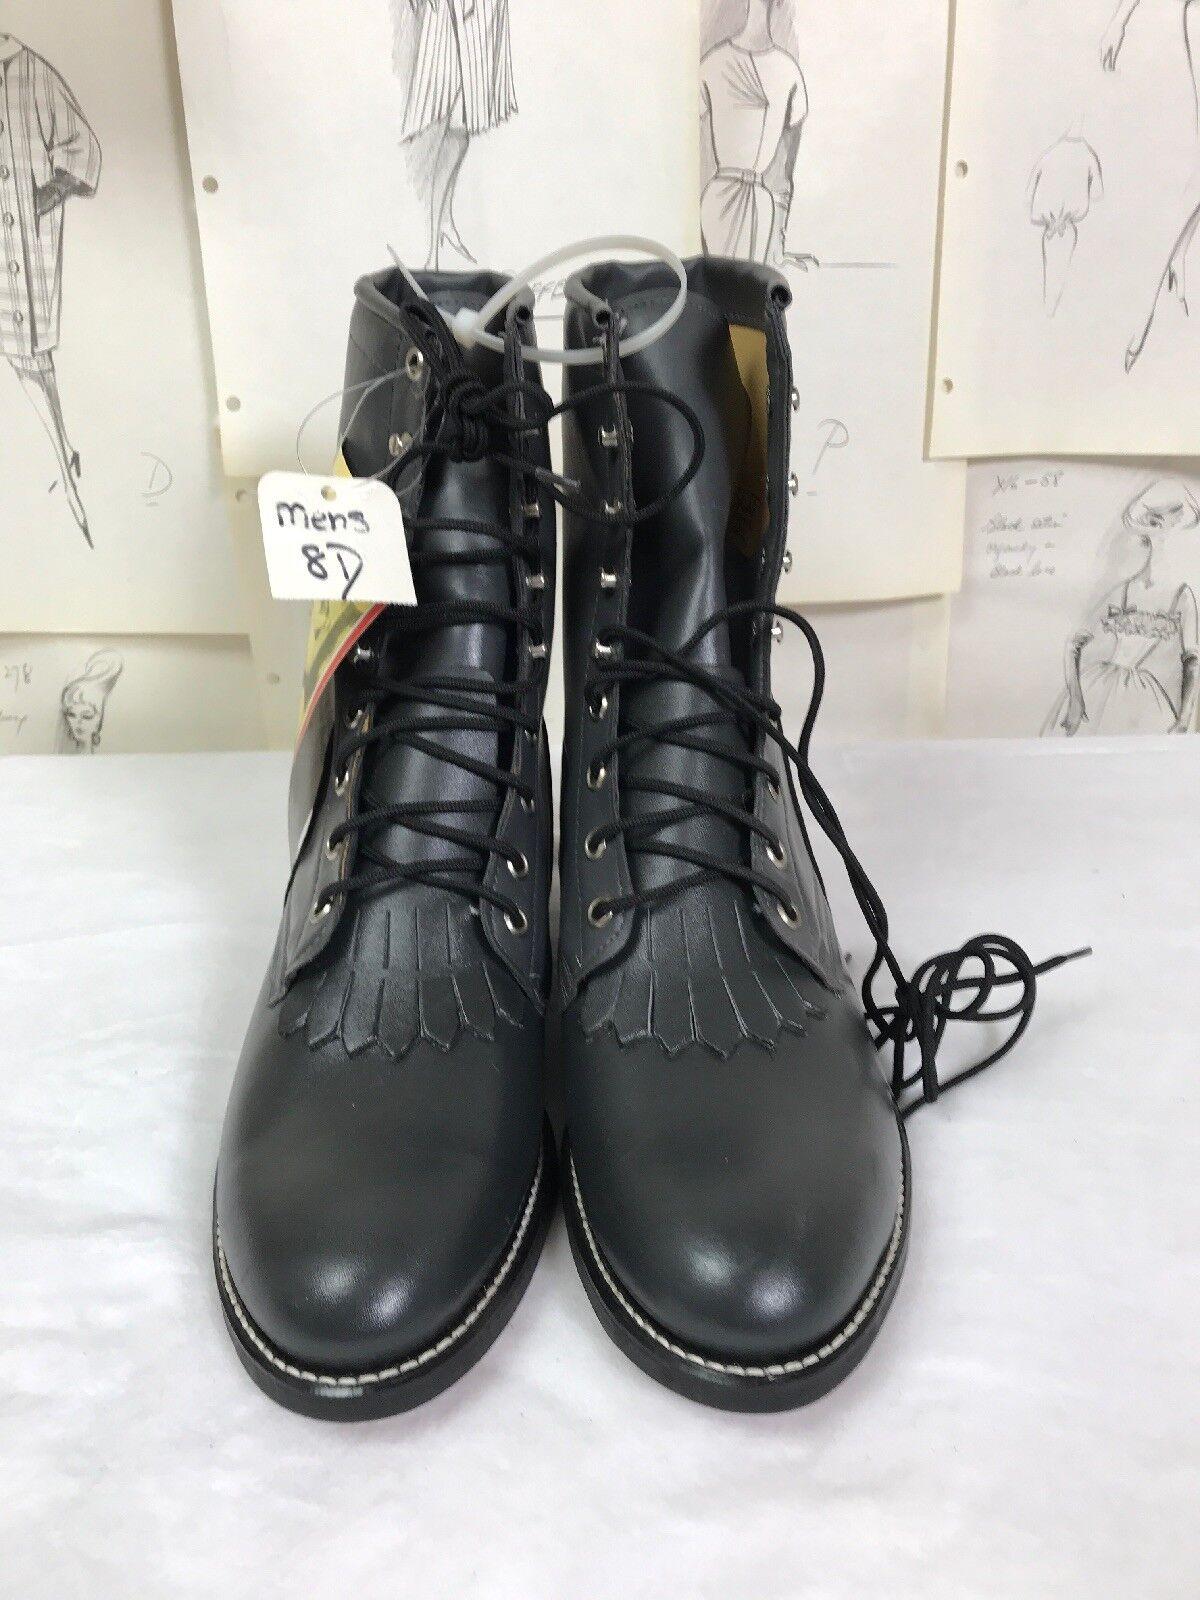 NEW Mens TEXAS BRAND sz 8D Roper Paddock Dress Riding Boot NOS Cowboy Work Green